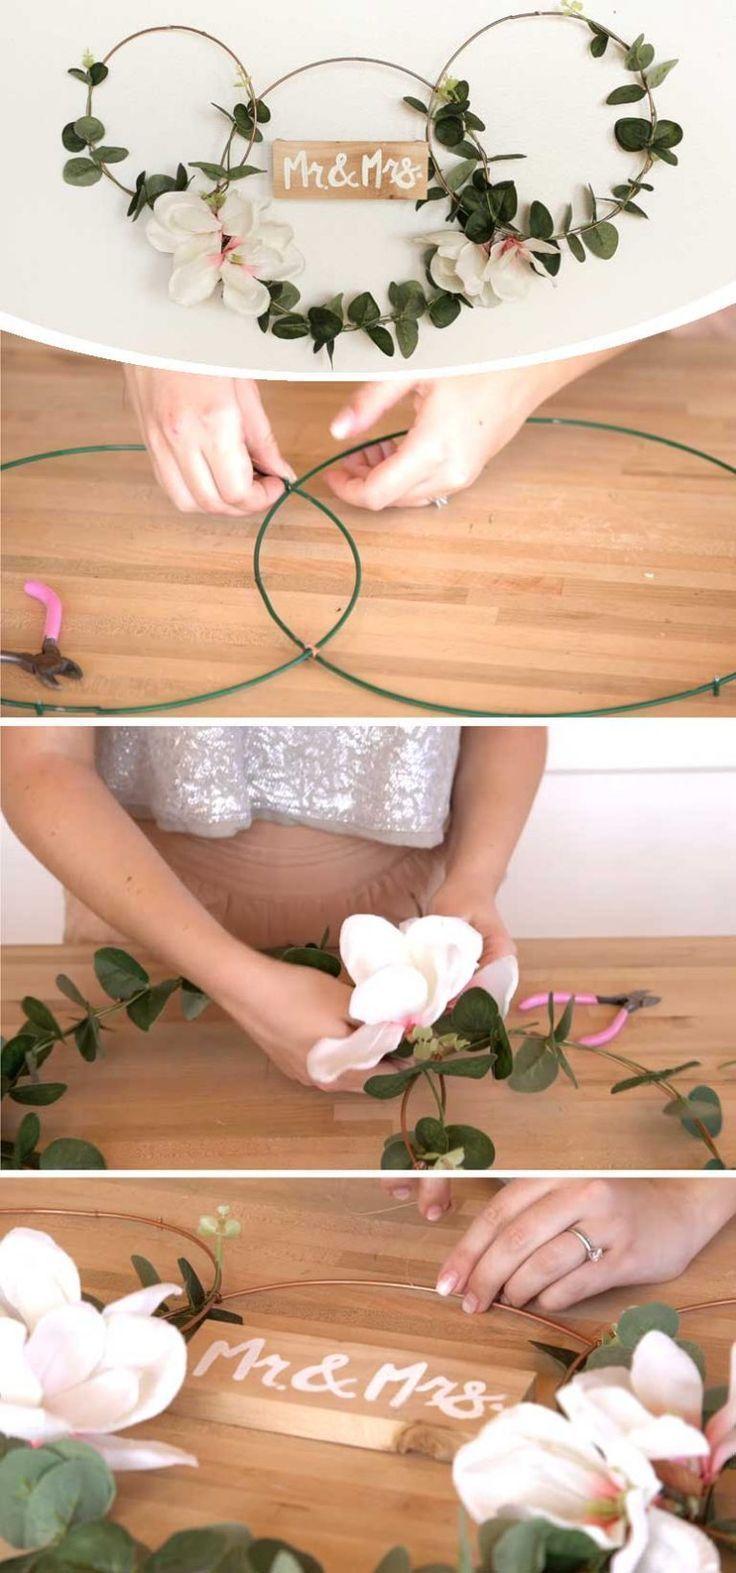 Idées de décoration de mariage bricolage Dollar Store – DIY Cuteness – Tracy Overeem